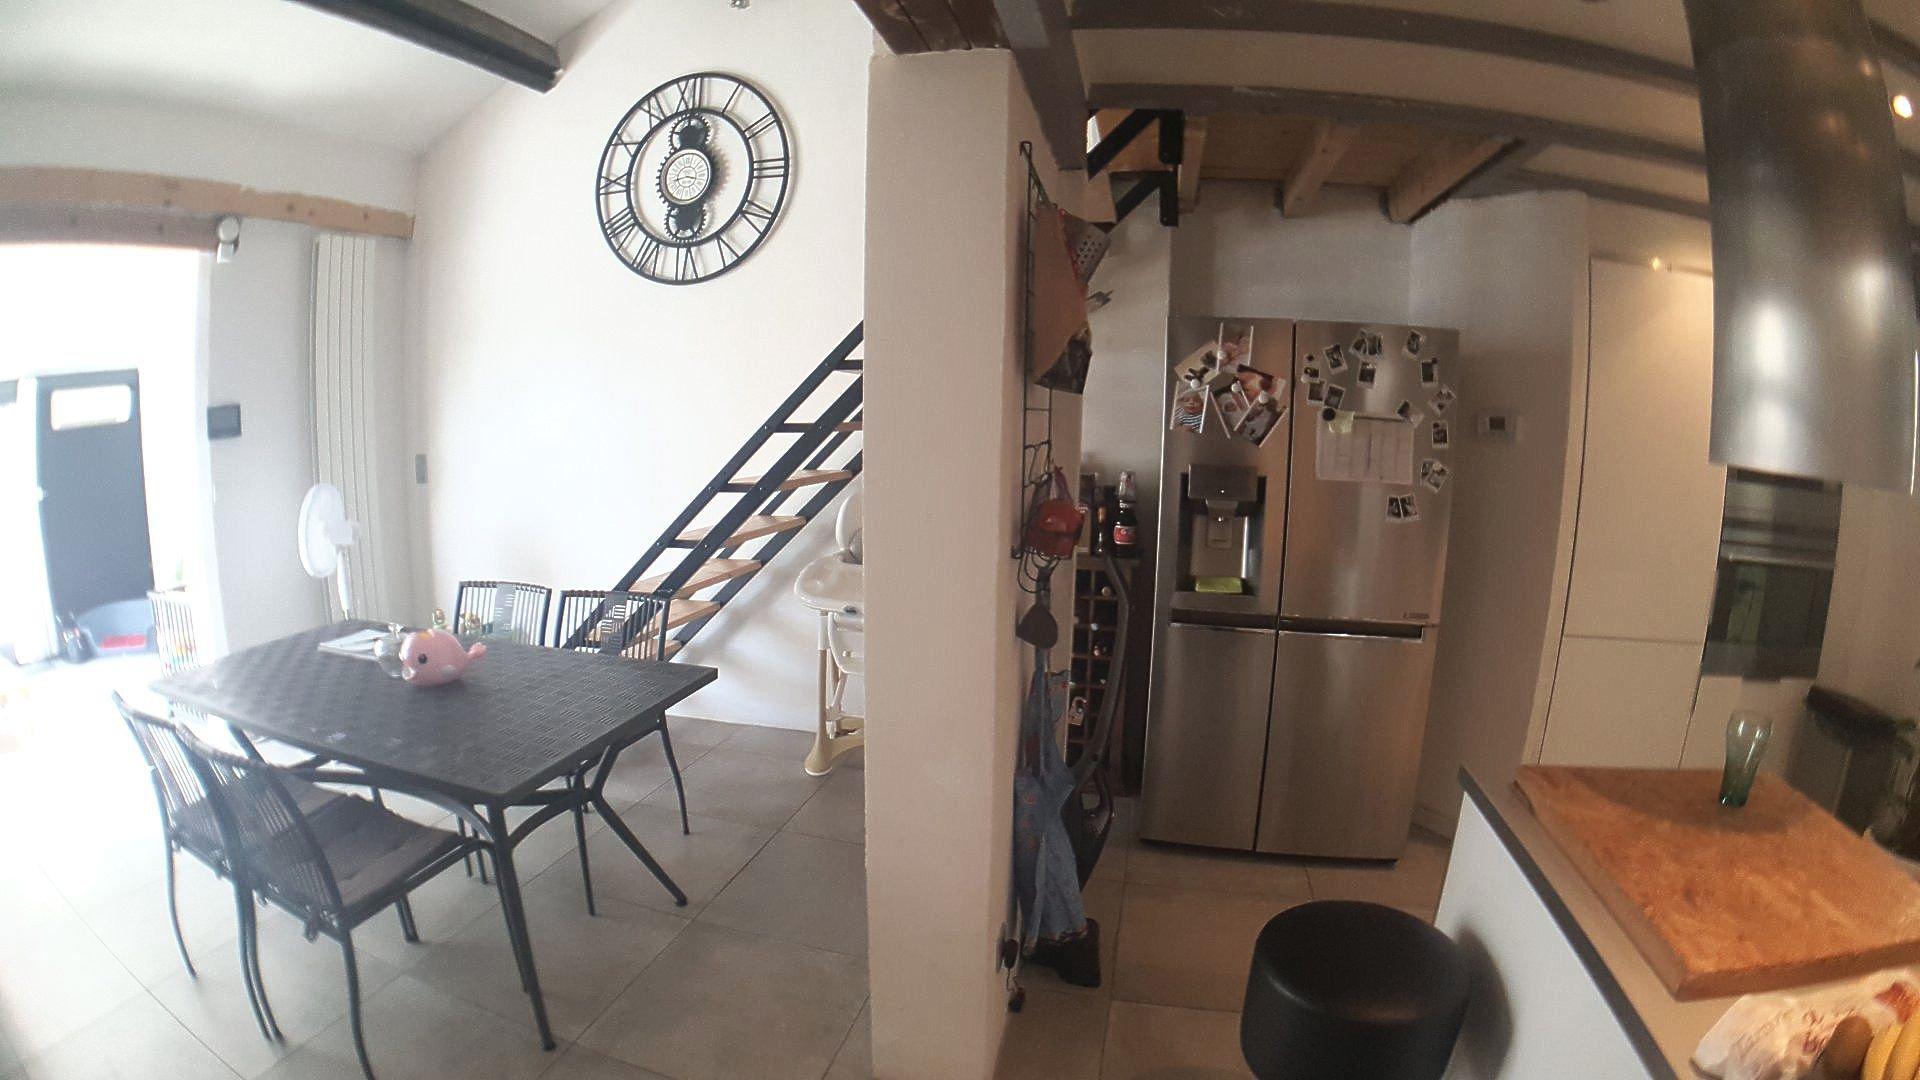 Maison 3 chambres avec garage et jardins